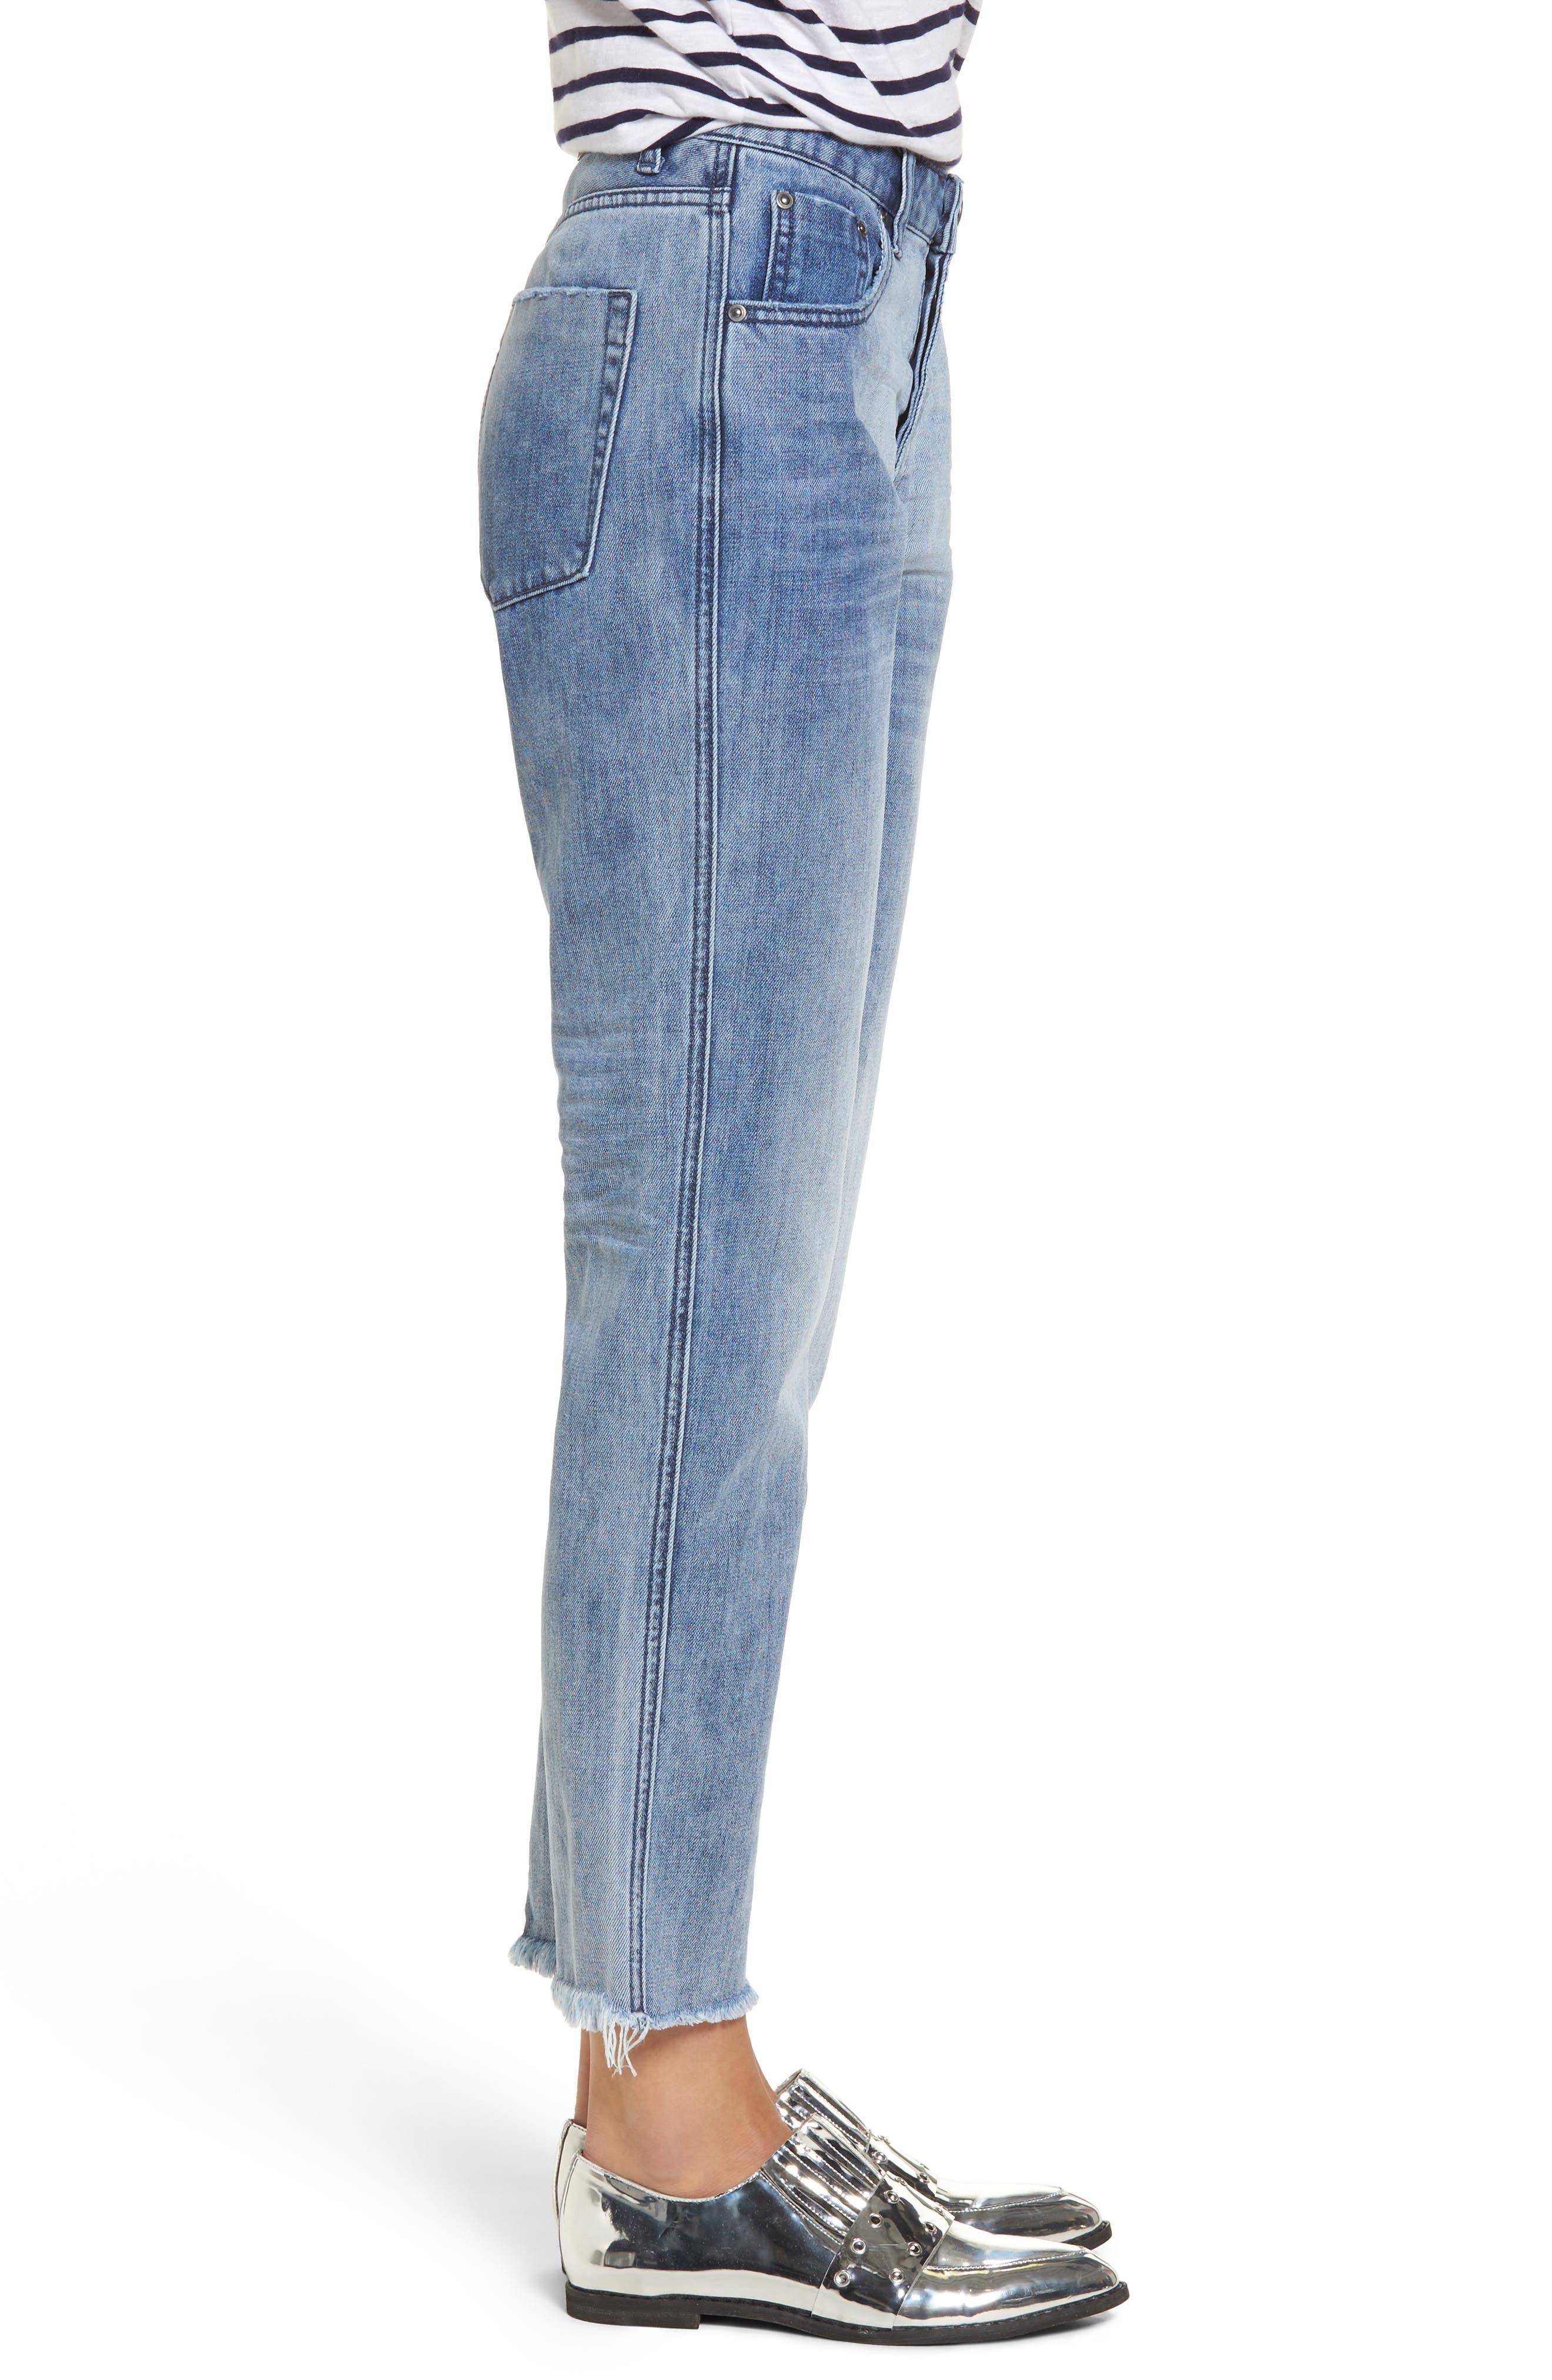 Alternate Image 3  - One Teaspoon Tuckers High Waist Straight Leg Jeans